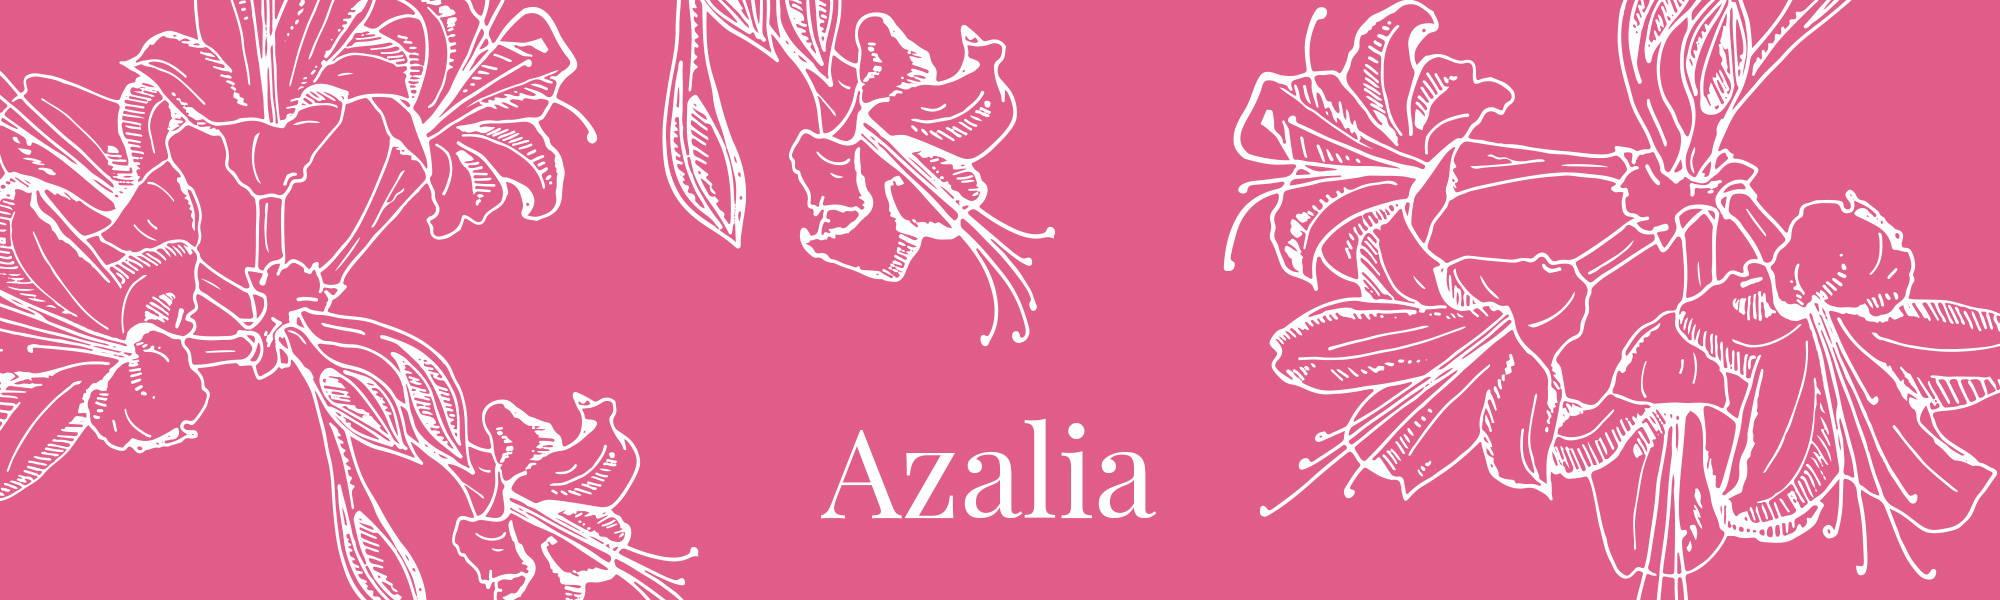 Image de la gamme Azalia de la collection Femme Dans un Jardin